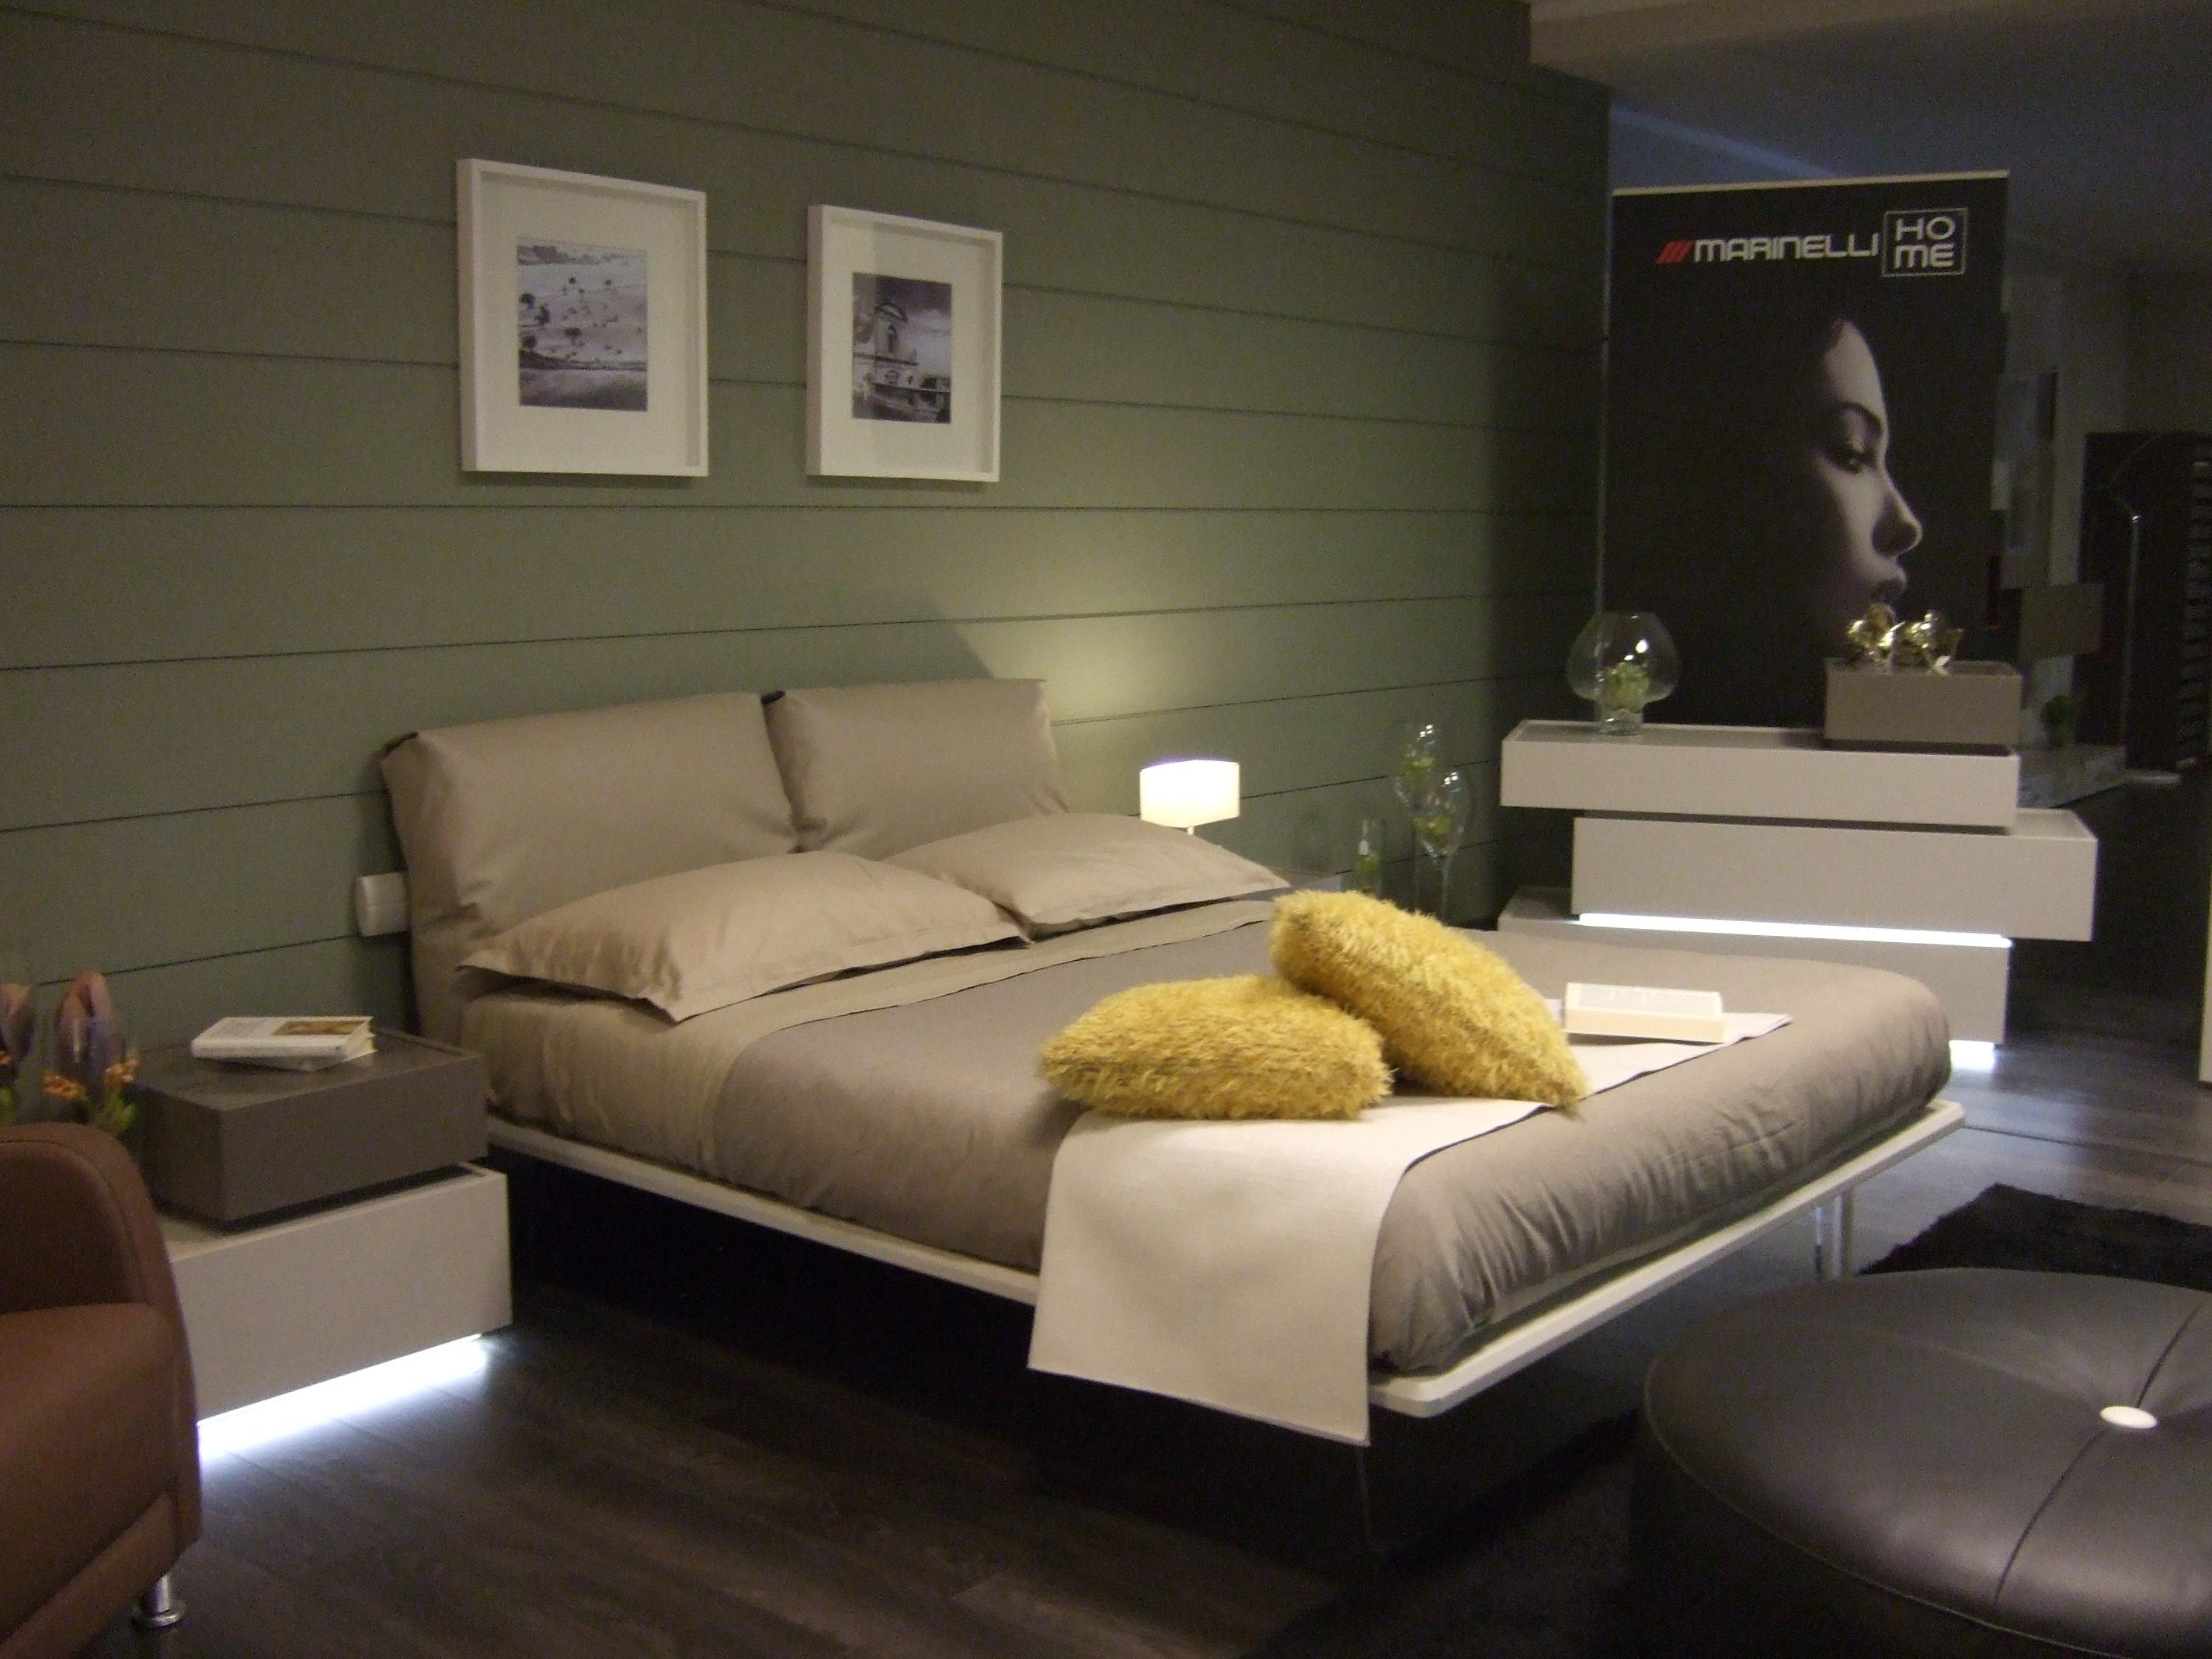 Replay la nuova camera da letto arrivata in negozio - Nuova arredo camere da letto ...